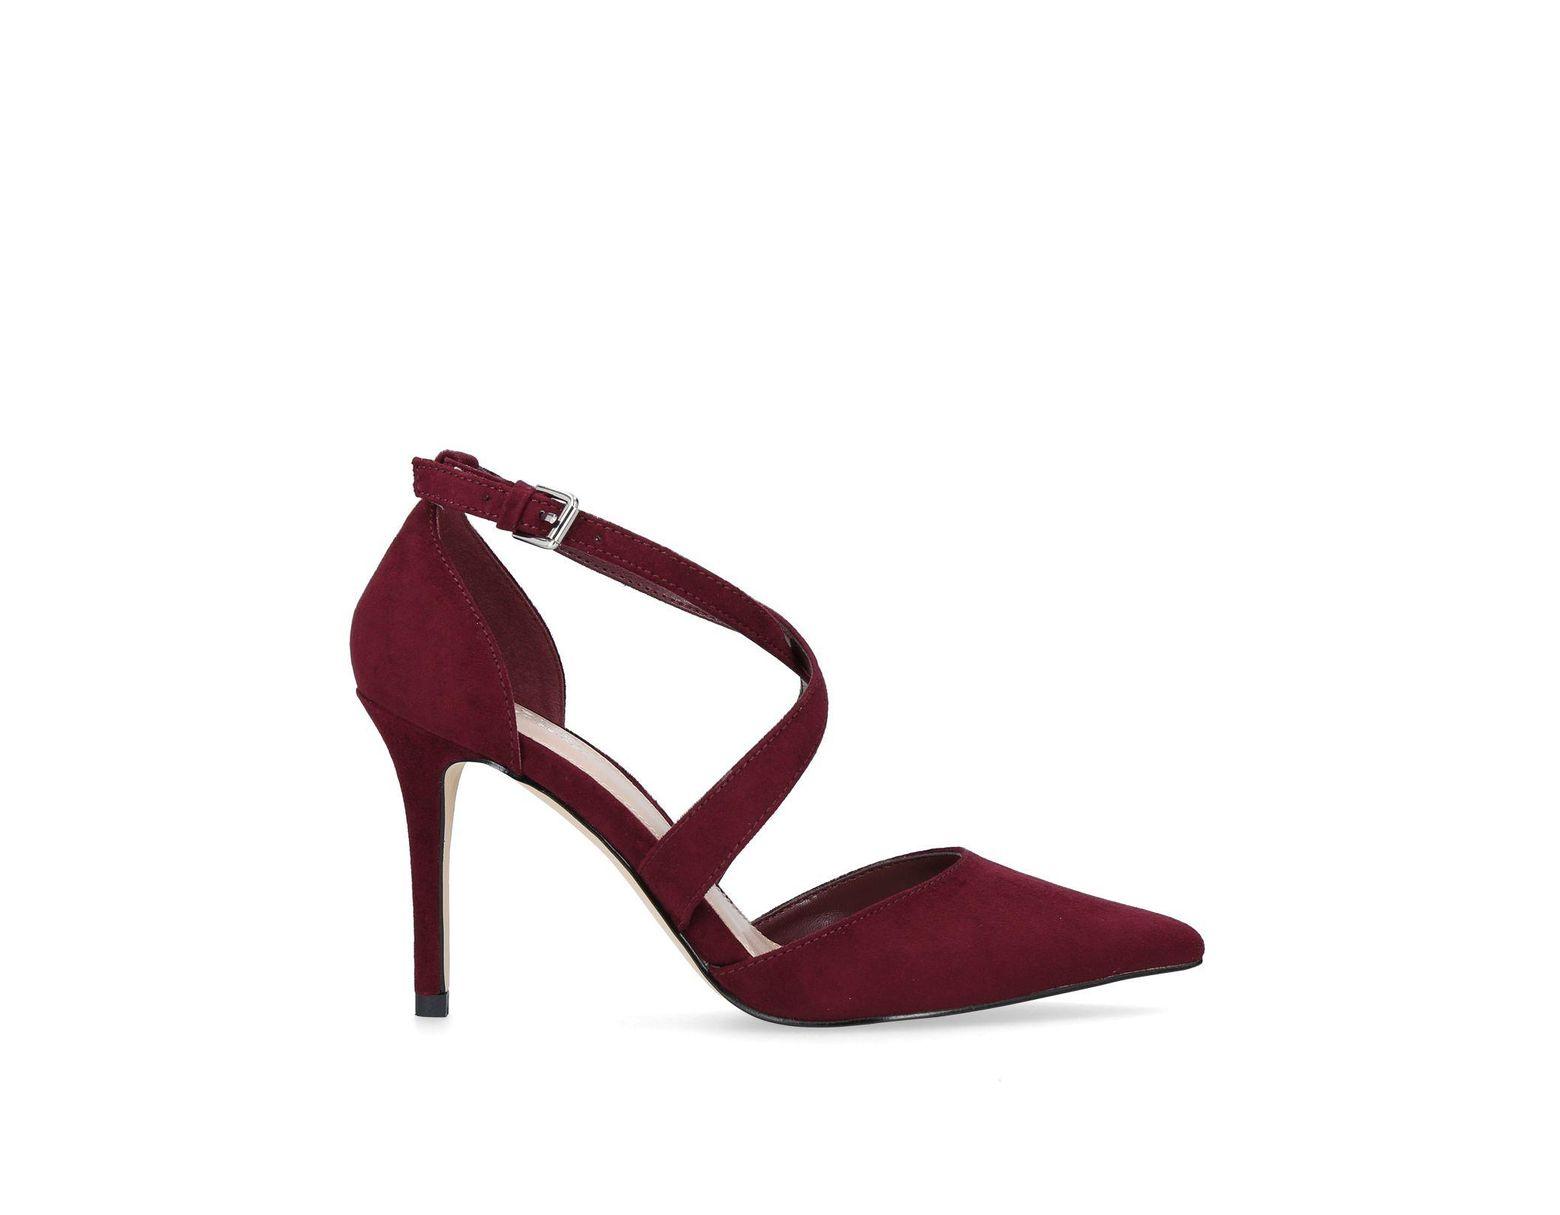 b03d1df3009 Women's Red Wine 'kross 2' High Heel Court Shoes